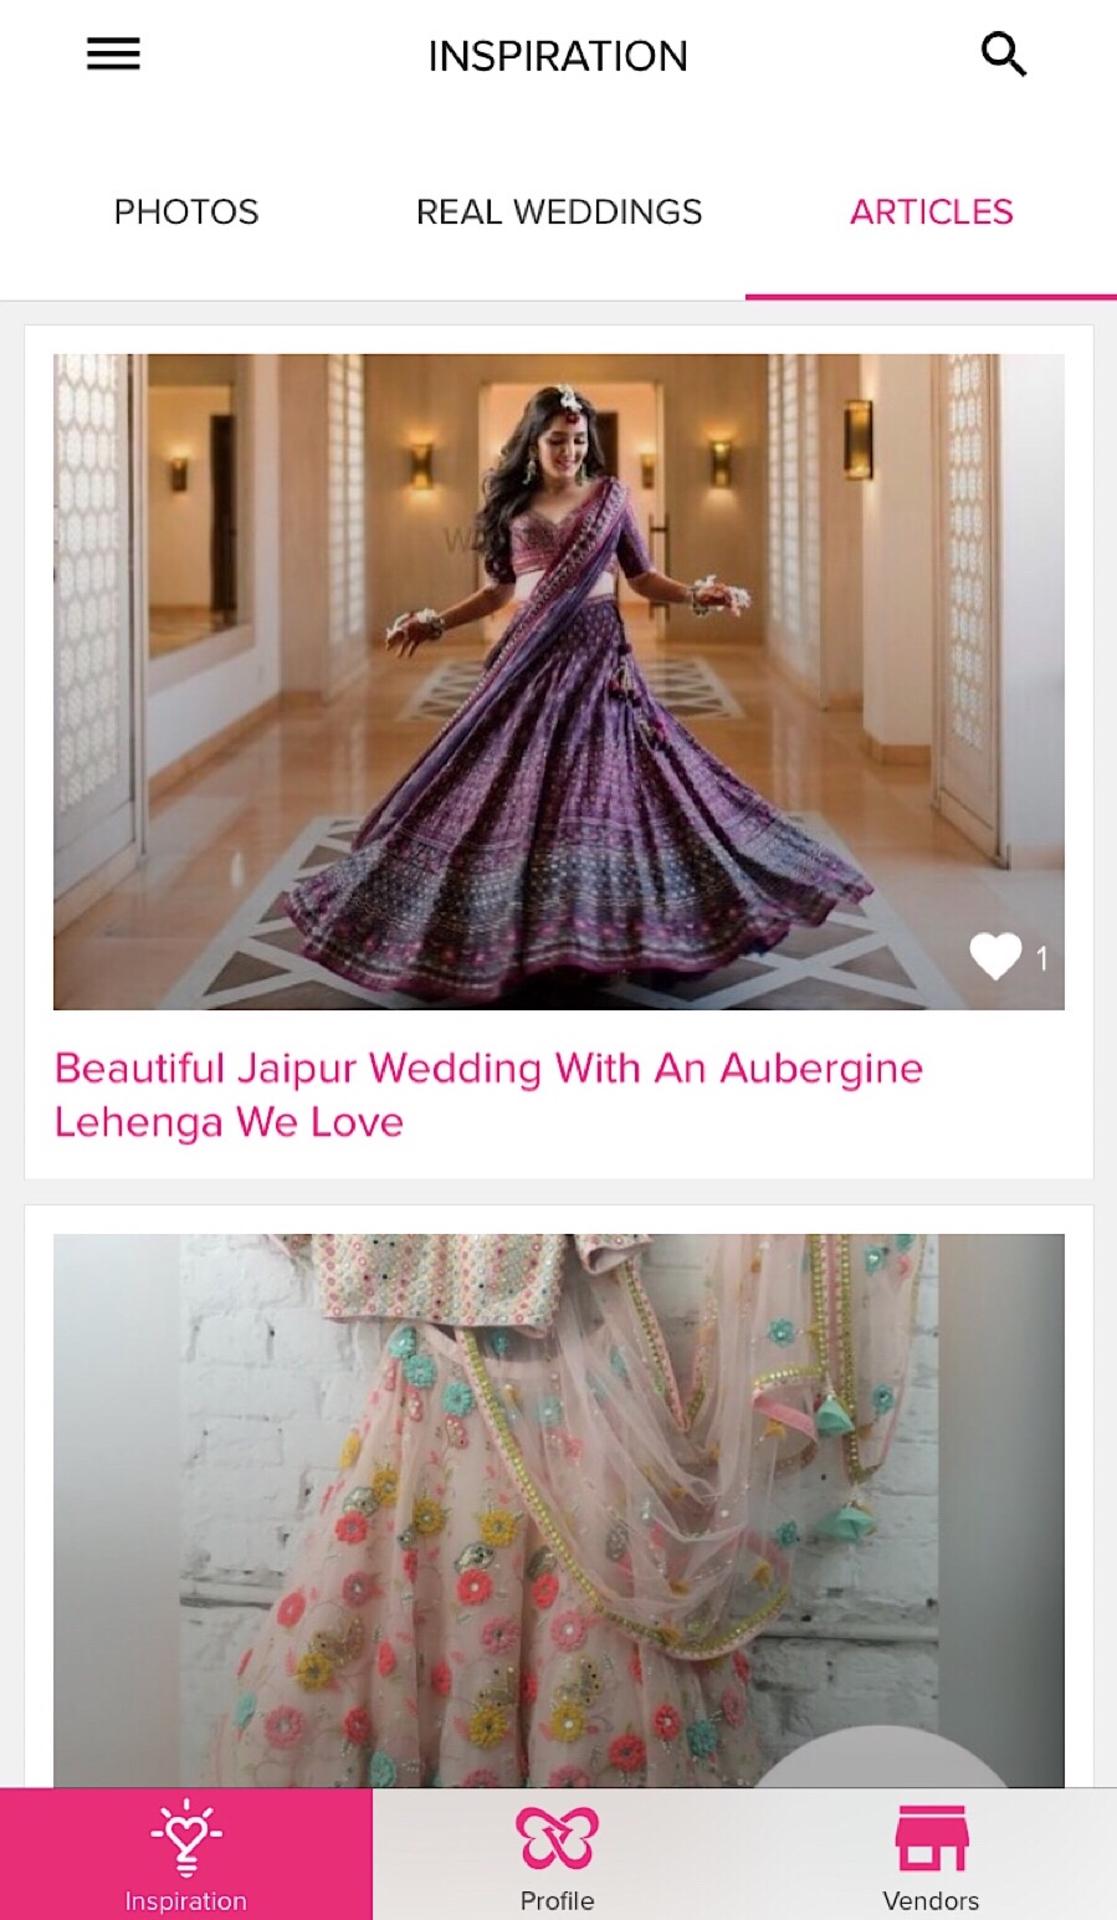 THE GLAM NUT - Fashion & Lifestyle Blog - 0DD24D3C-6469-4B37-83D2-17BC8ADA4BDC